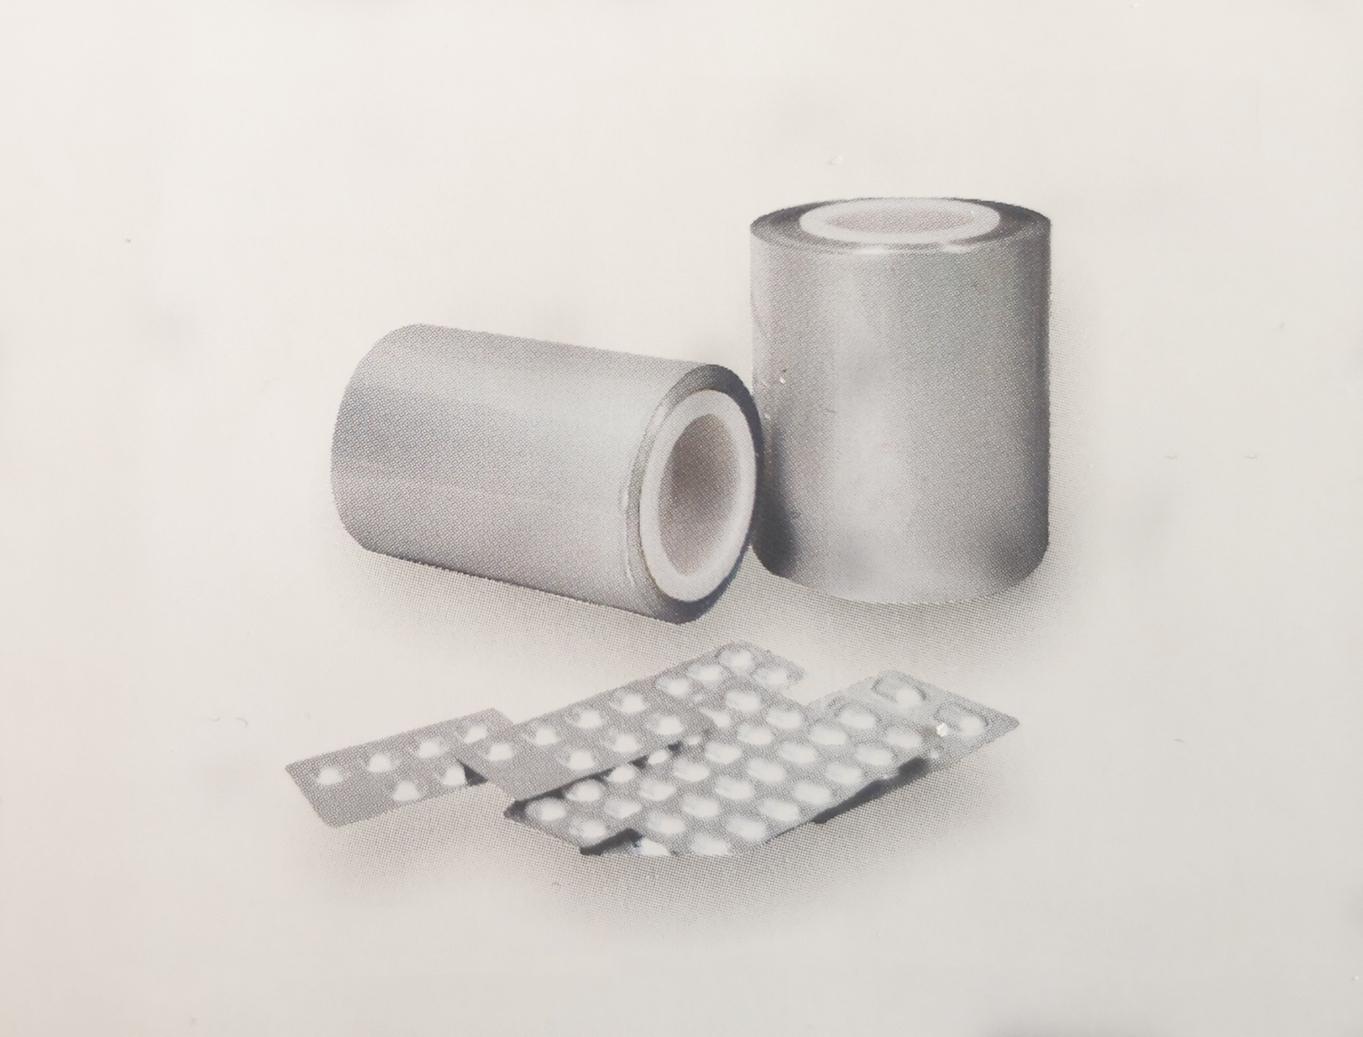 شراء رقائق الألومنيوم الطبية ,رقائق الألومنيوم الطبية الأسعار ·رقائق الألومنيوم الطبية العلامات التجارية ,رقائق الألومنيوم الطبية الصانع ,رقائق الألومنيوم الطبية اقتباس ·رقائق الألومنيوم الطبية الشركة